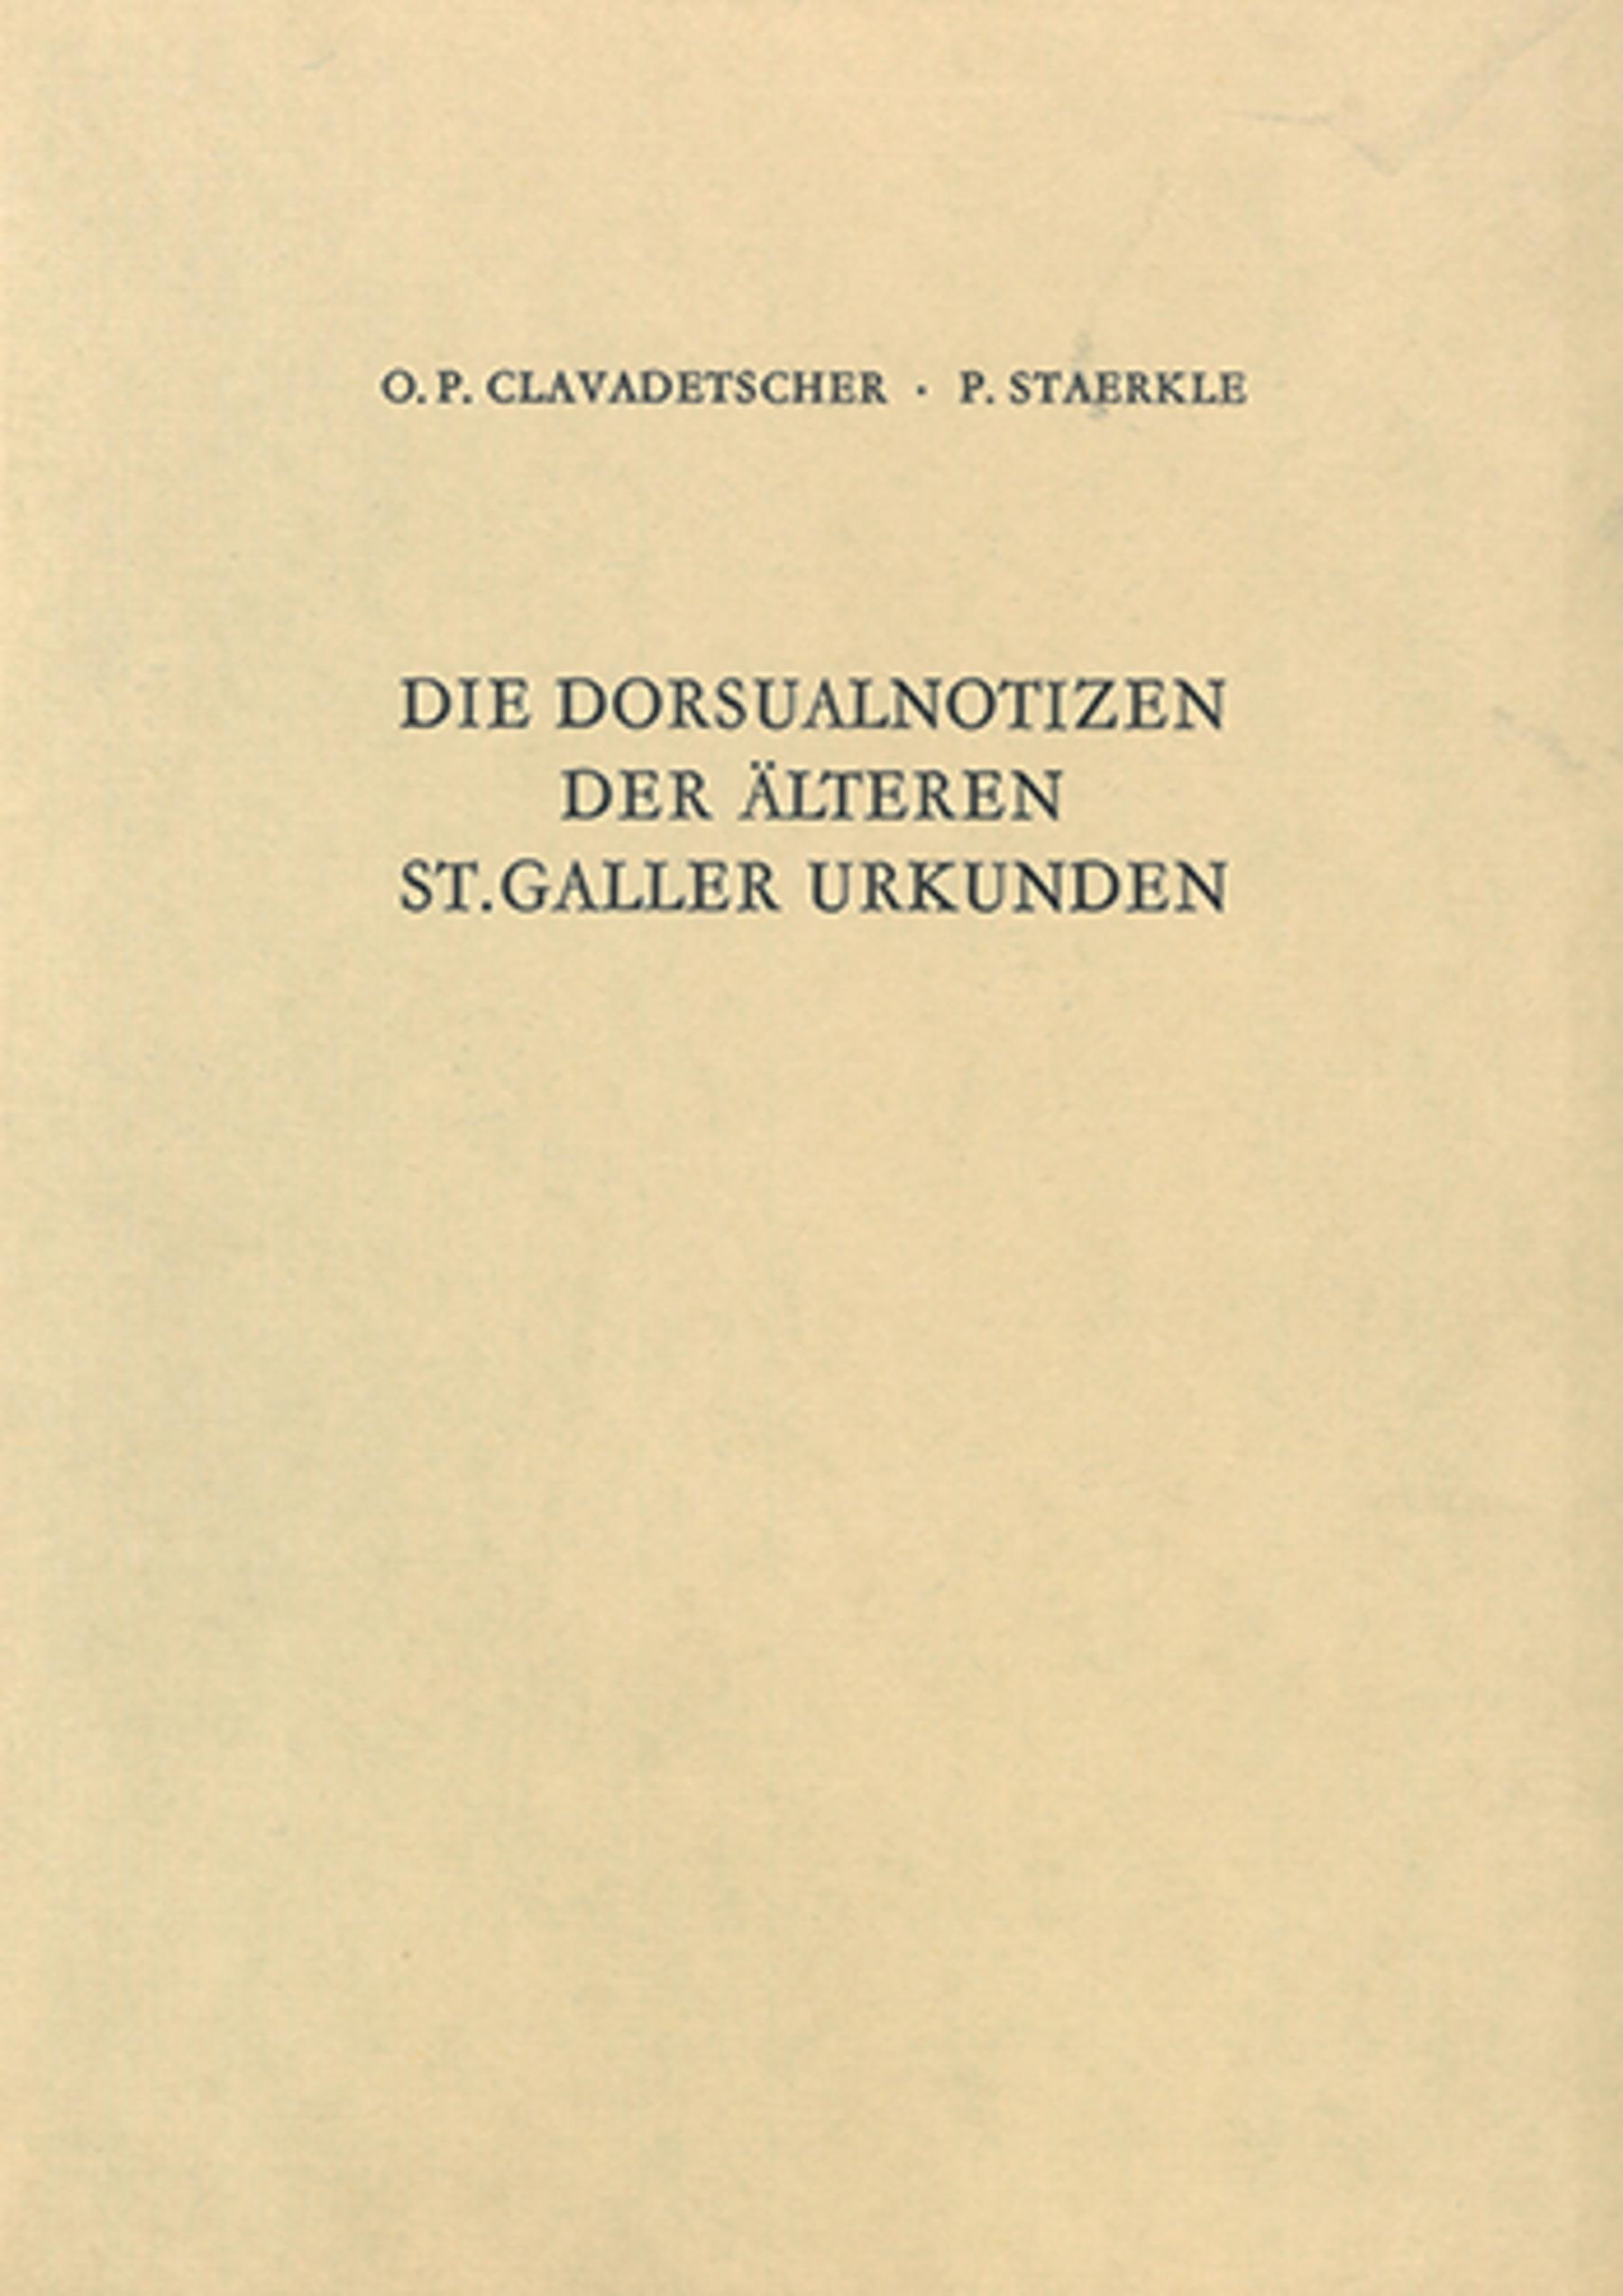 Die Dorsualnotizen der älteren St. Galler Urkunden